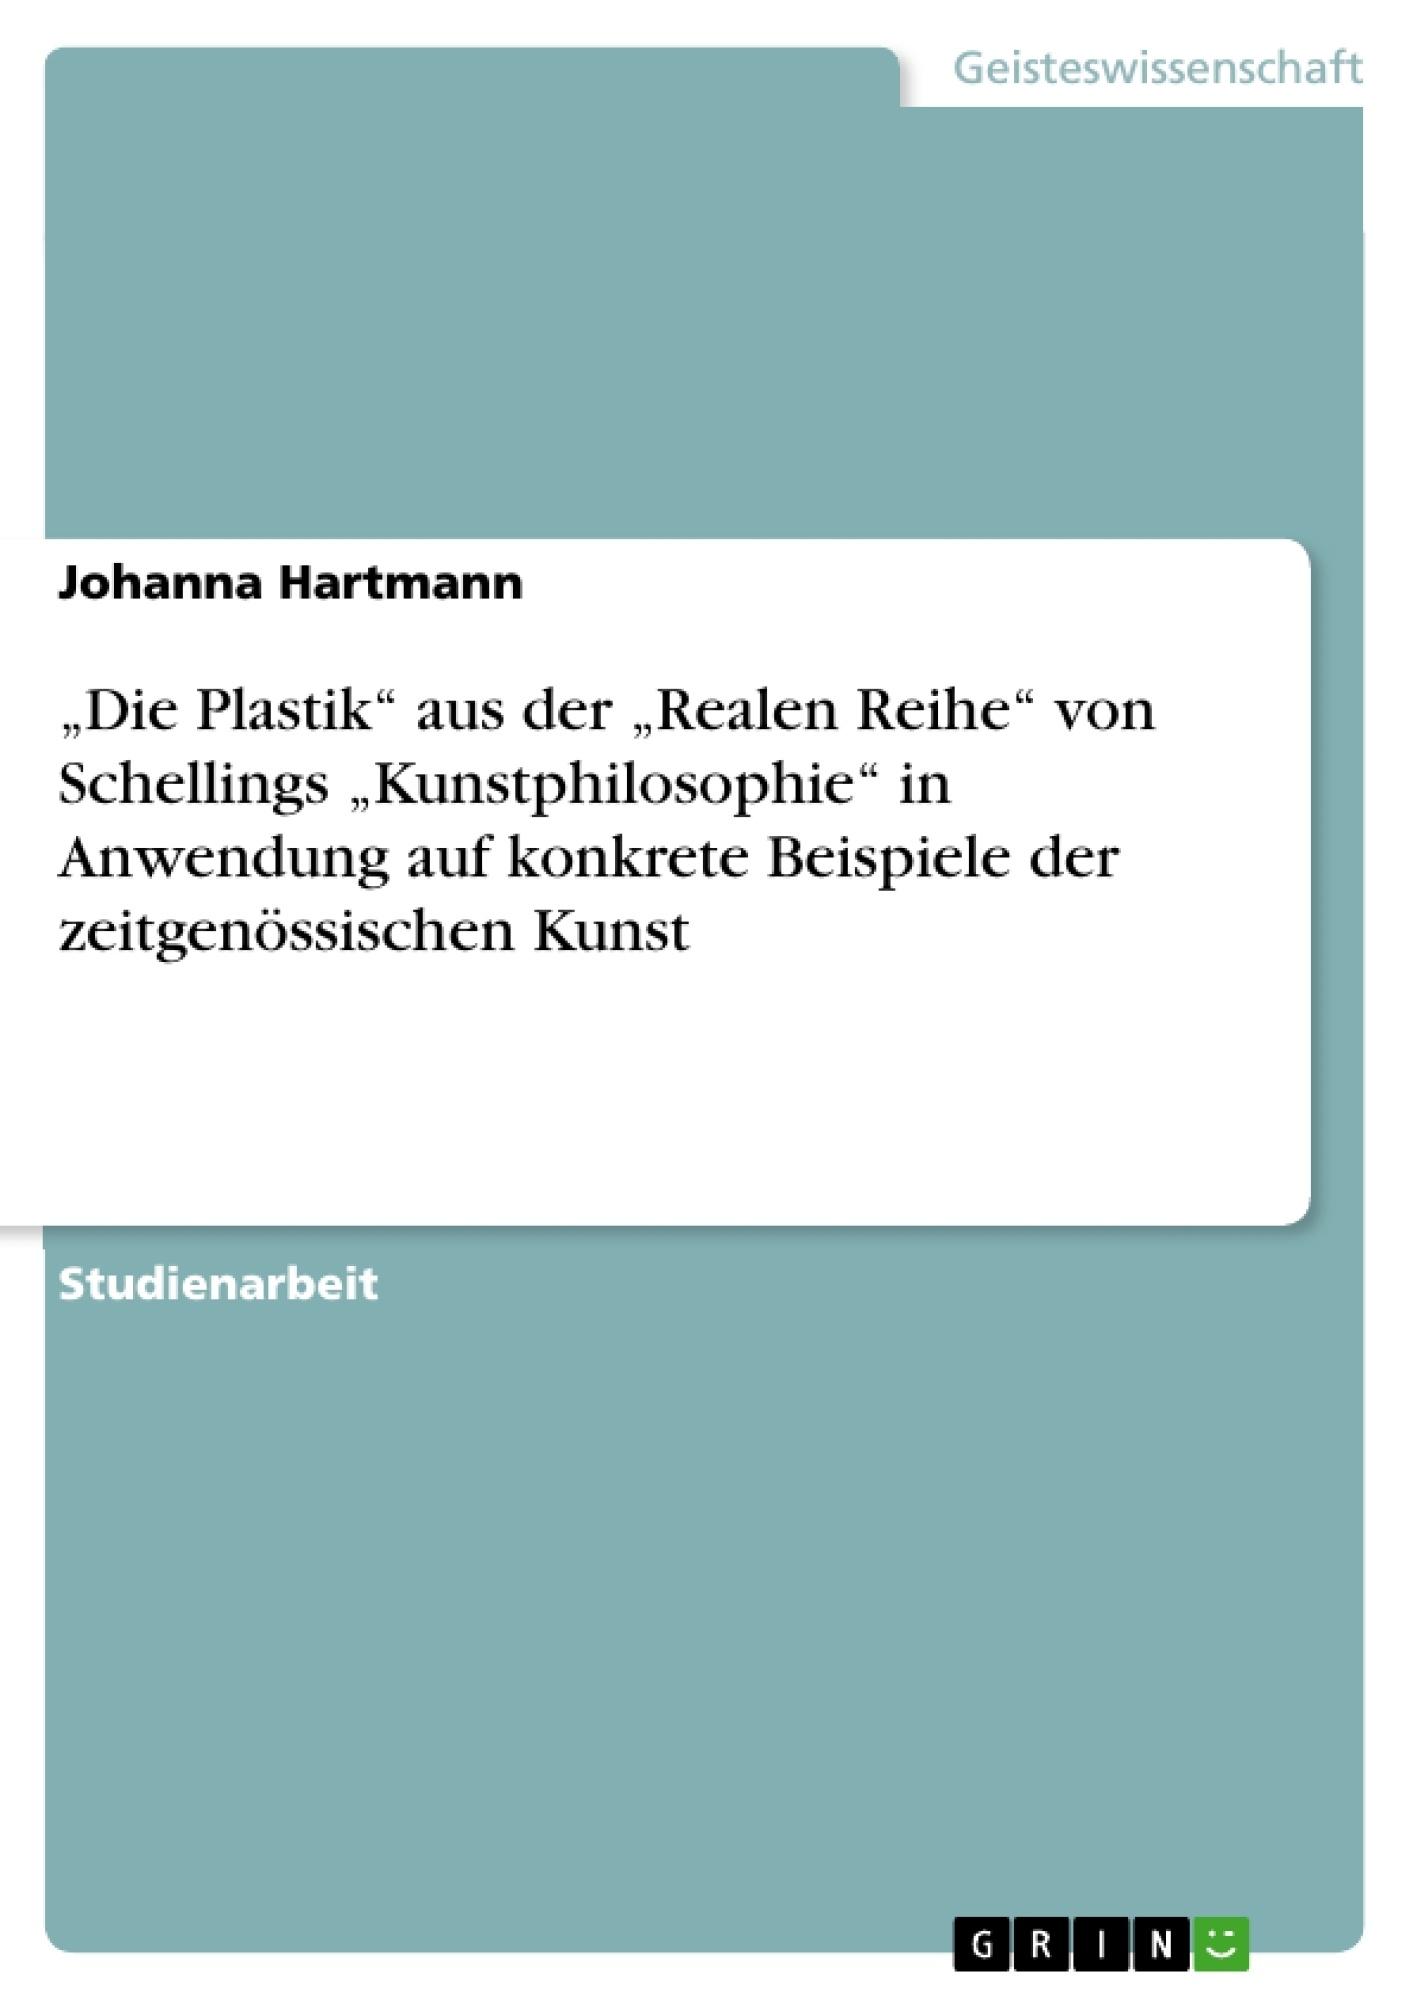 """Titel: """"Die Plastik"""" aus der """"Realen Reihe"""" von Schellings """"Kunstphilosophie"""" in Anwendung auf konkrete Beispiele der zeitgenössischen Kunst"""